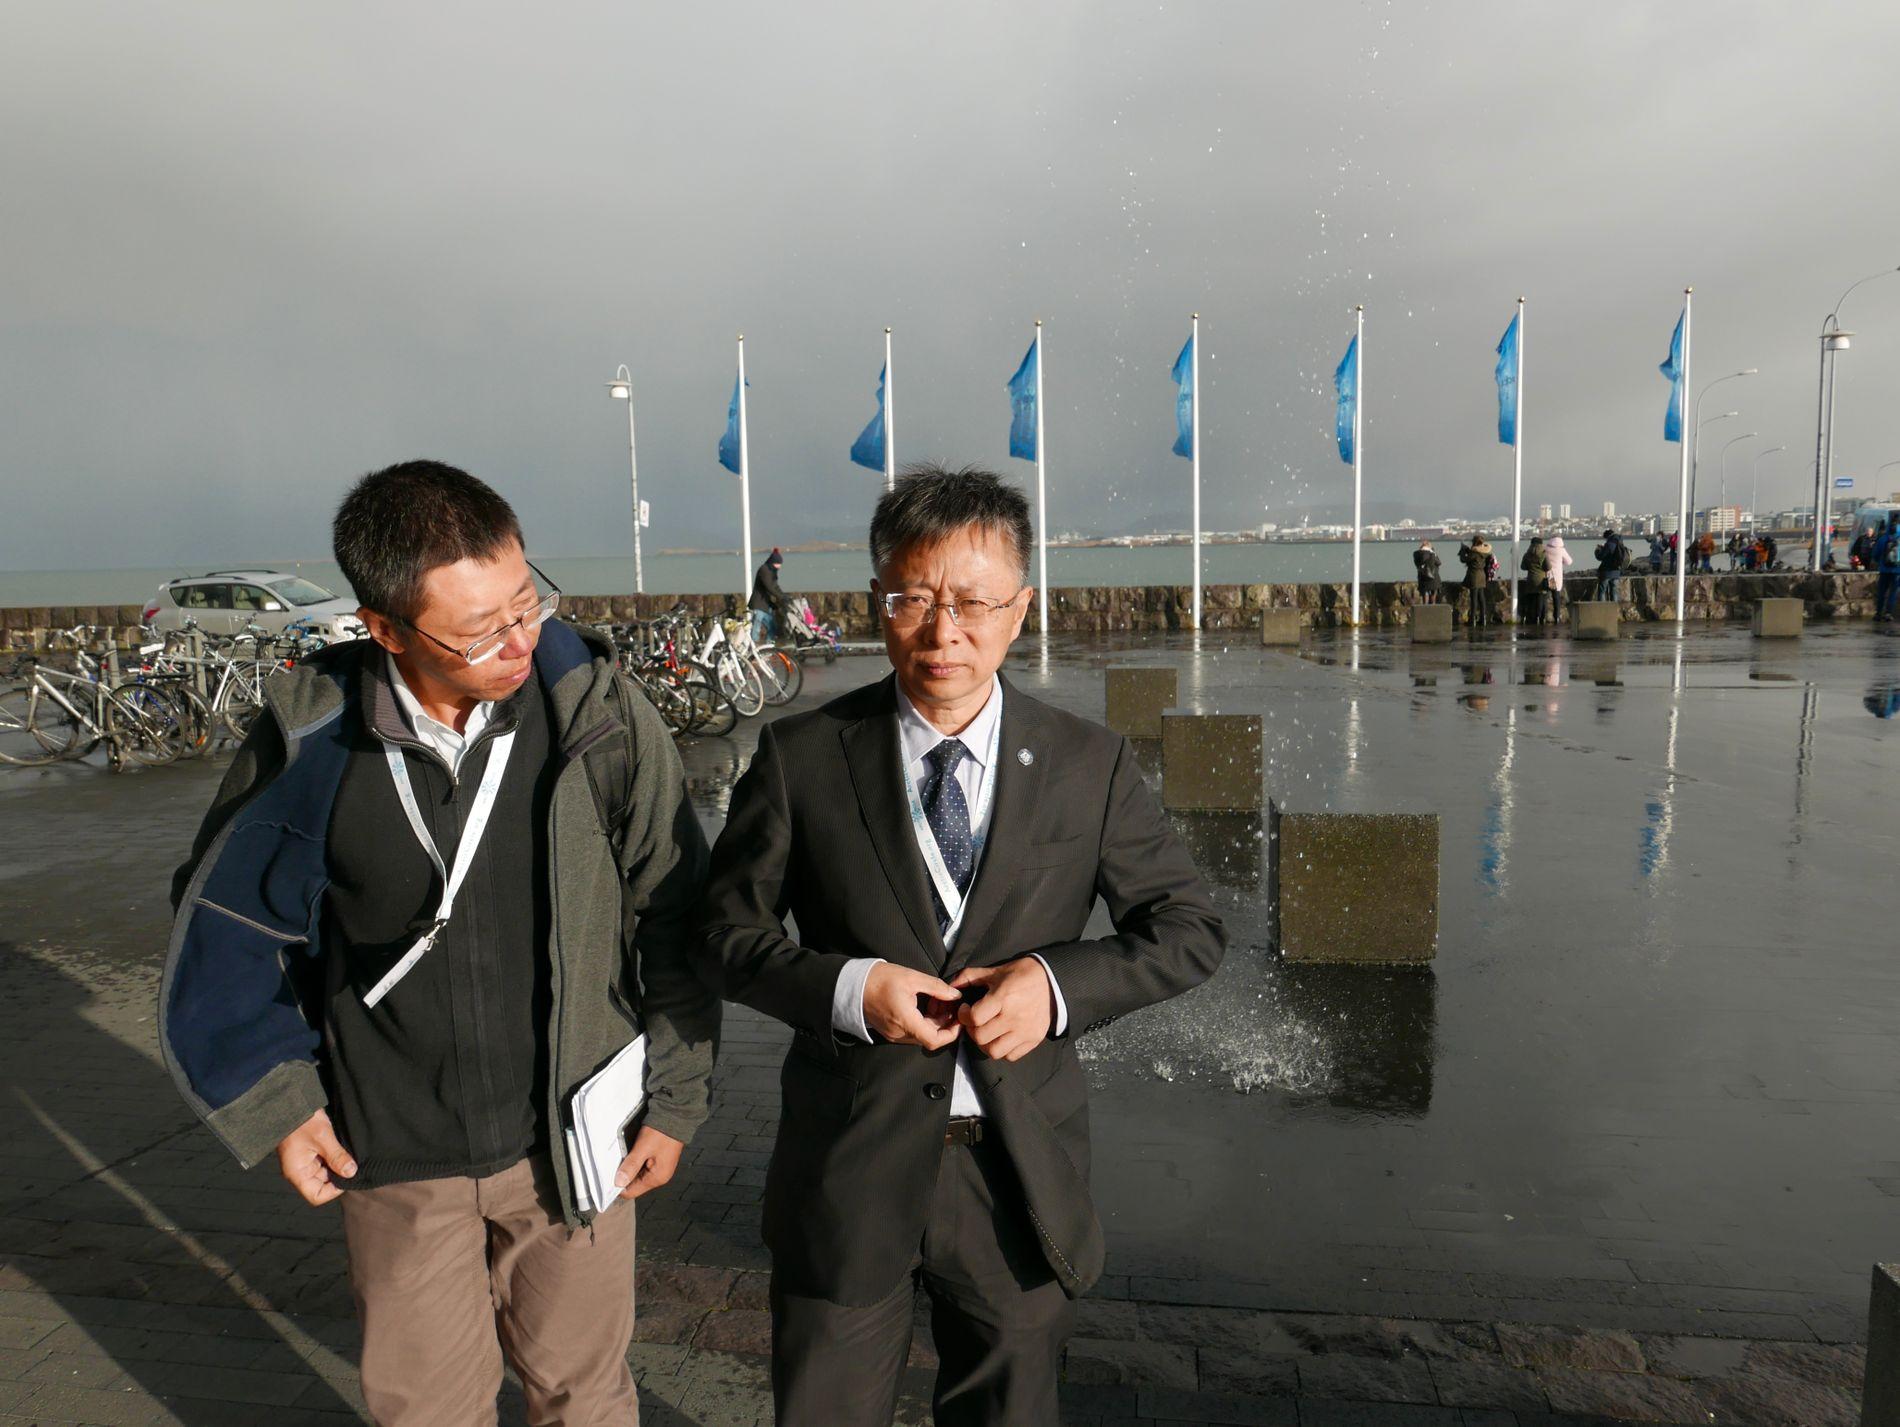 LANGT HJEMMEFRA: Forsker Huigin Yang (t.h) er leder for det kinesiske polarinstituttet. Han og kollegene følger utviklingen i Arktis med stor interesse, fordi det får direkte konsekvenser for kinesisk klimapolitikk, forskningsvirksomhet og forretninger.